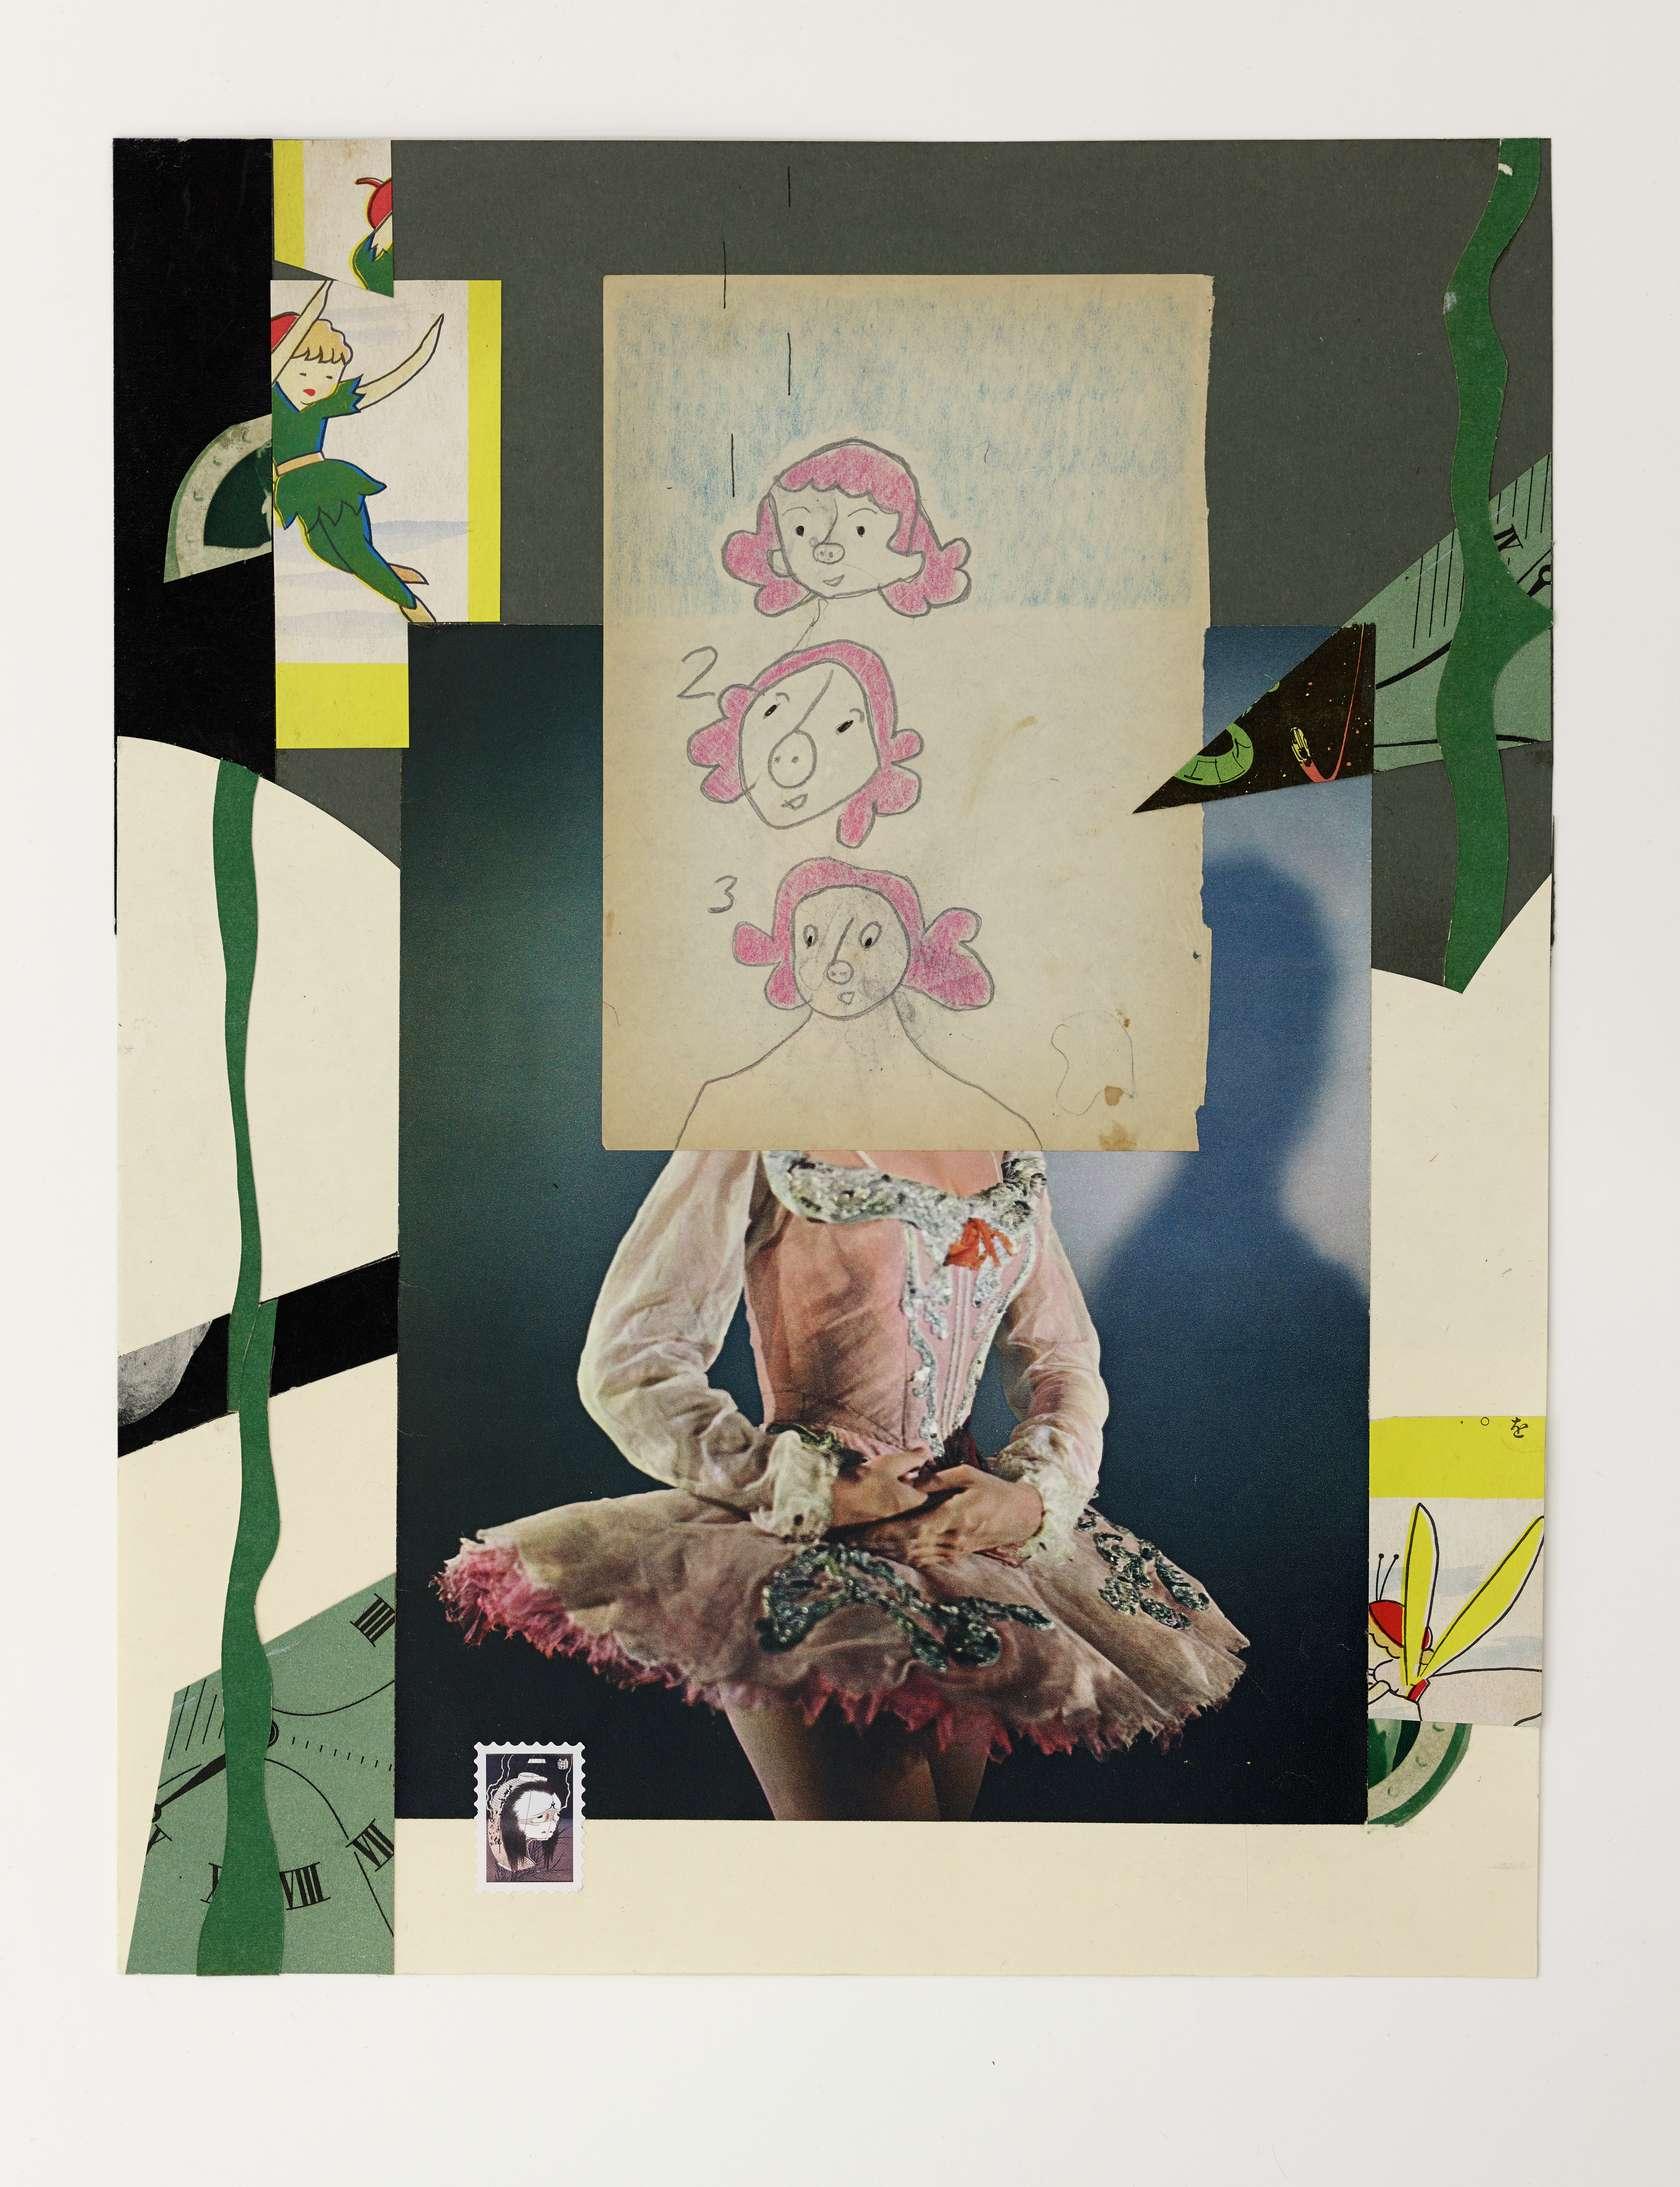 Hippolyte Hentgen, Sanjo Dori, 2019 Collage sur papier44 x 34.5 cm / 17 3/8 x 13 5/8 inches